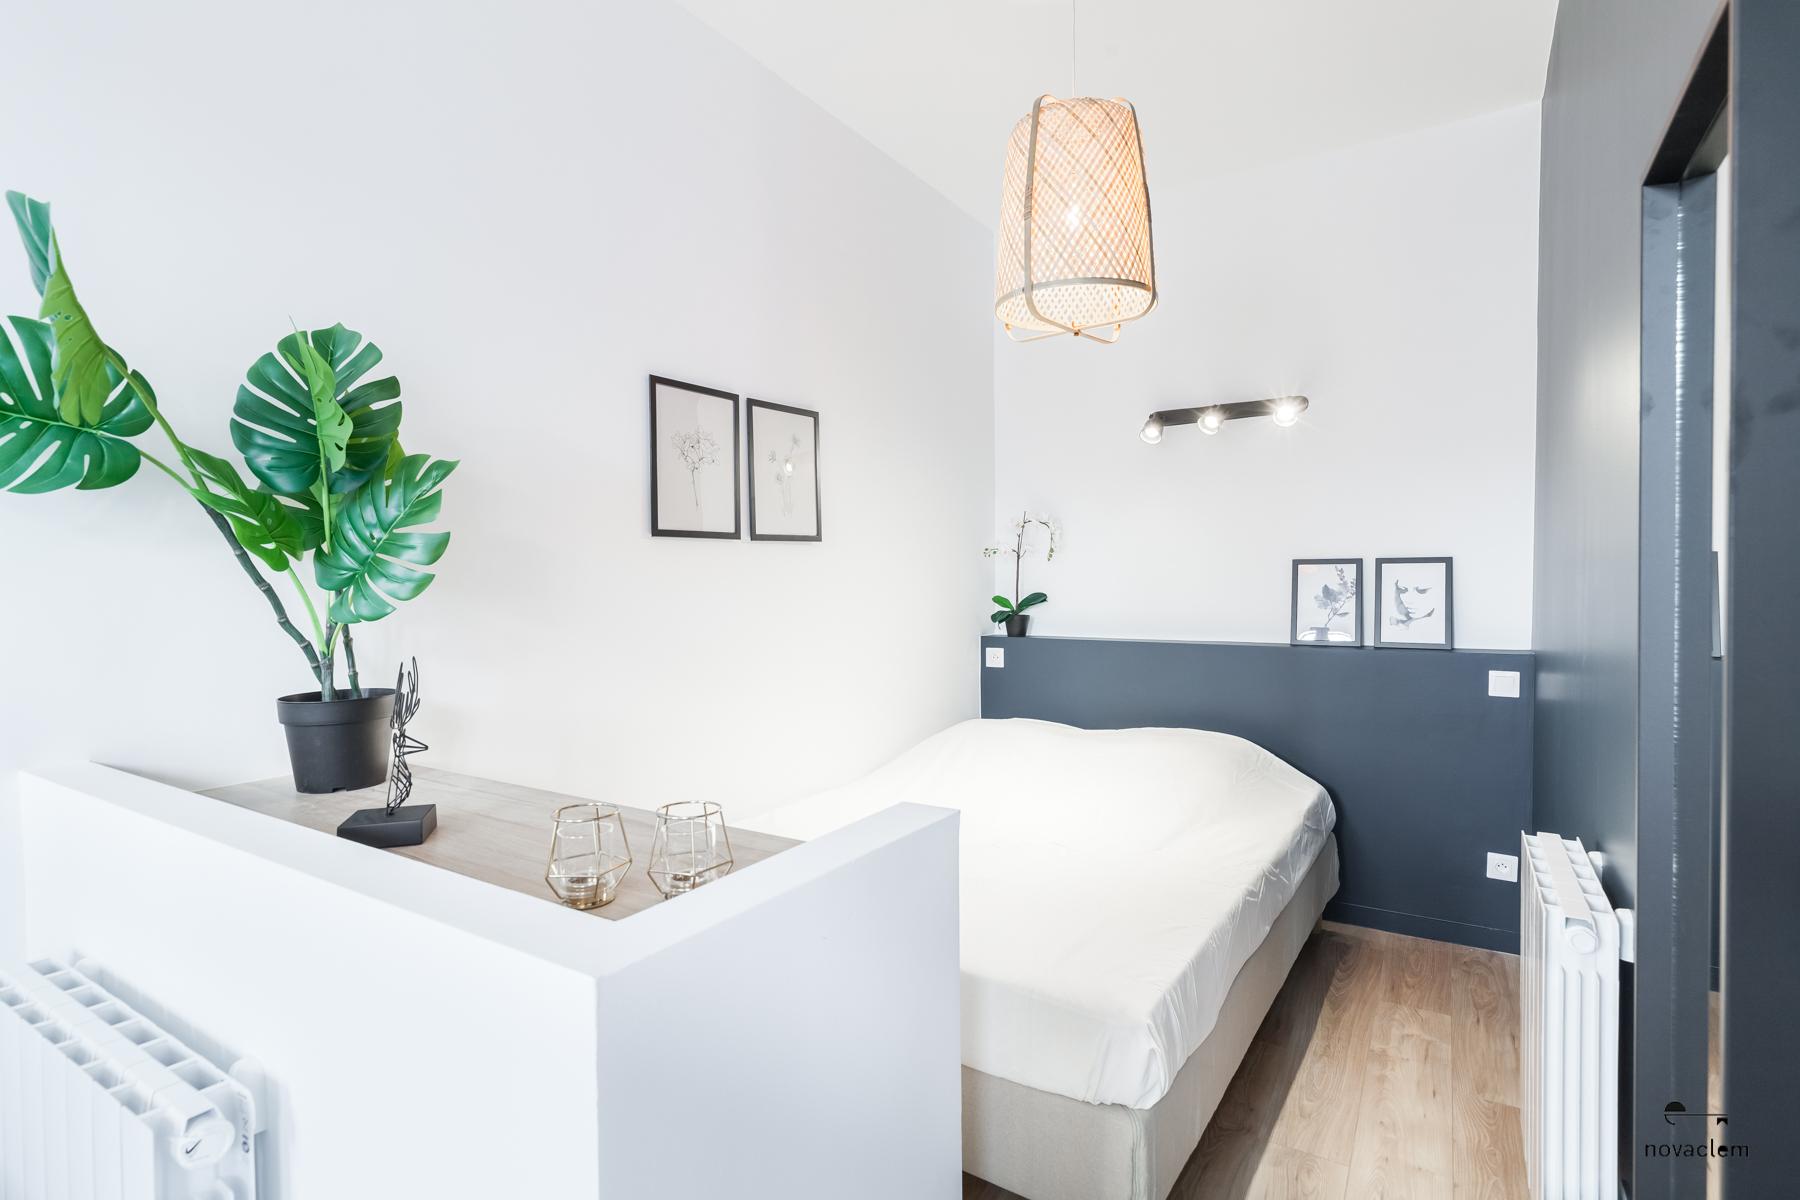 Novaclem - chambre après travaux Mini loft Camas - Investissement Marseille